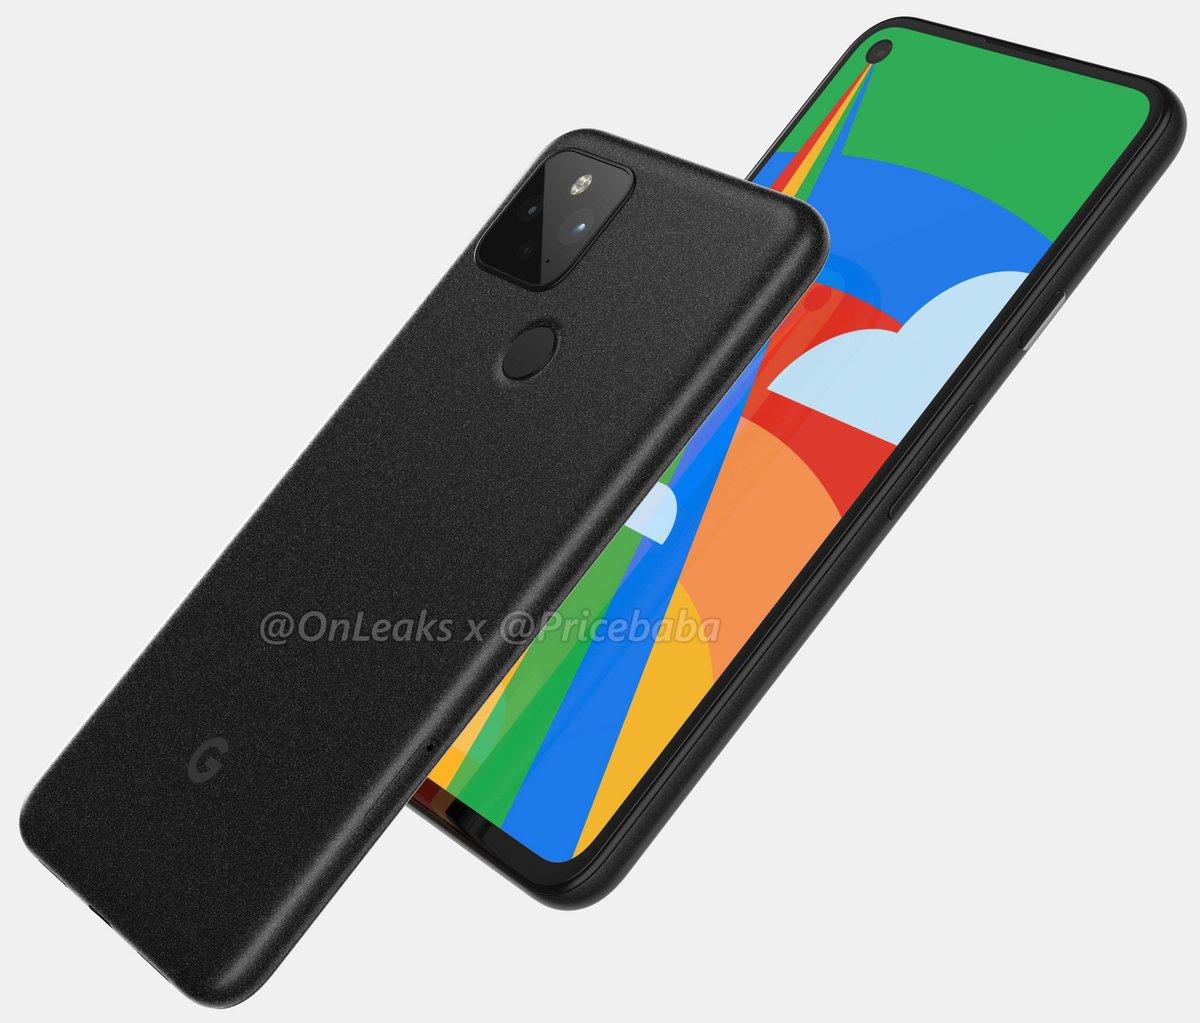 Google Pixel 5 © ©OnLeaks x Pricebaba